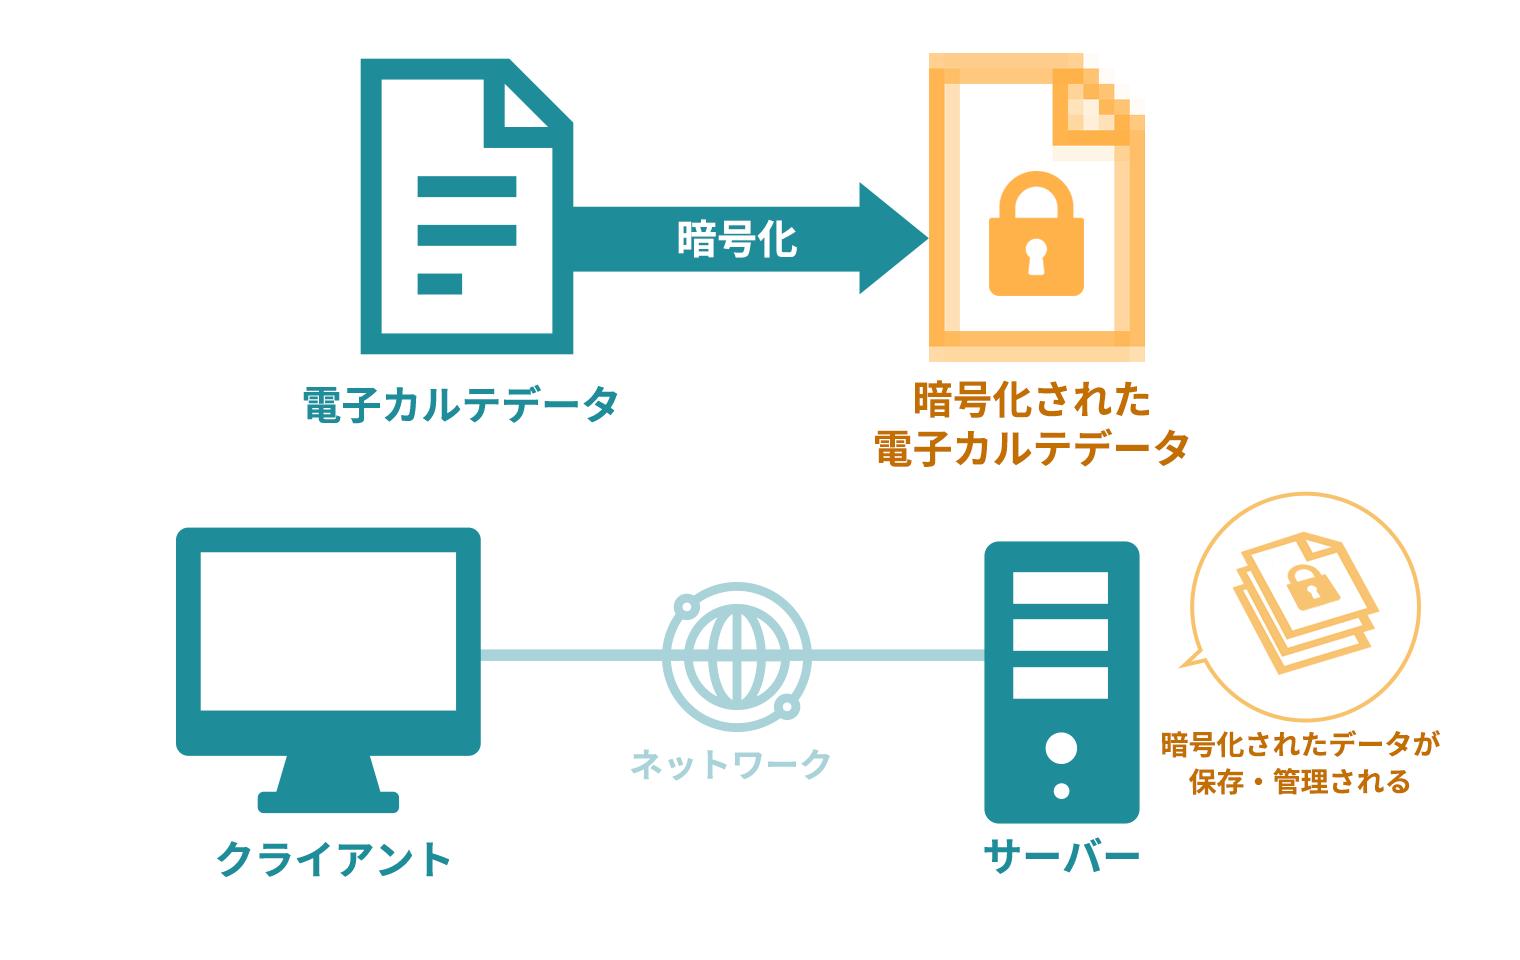 クラウド型電子カルテのセキュリティ_暗号化の図